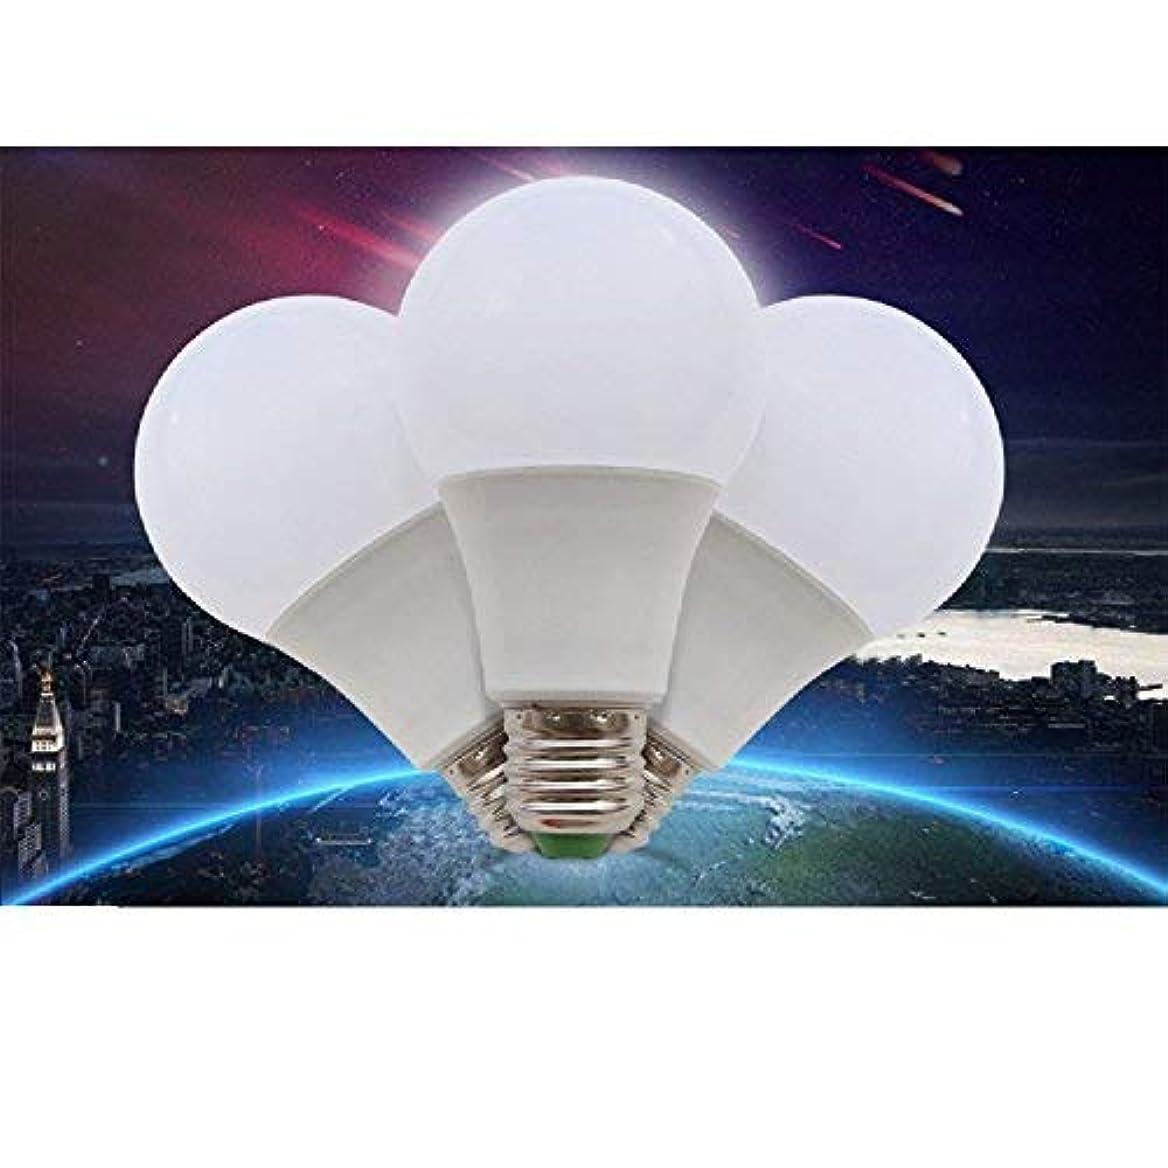 知的どんよりした正統派Aomgsd 5W/7W/9W 室内センサーライト 人感センサー LED電球 夜灯 昼白色 80W相当 搭載明暗センサー 自動点灯/消灯 搭載レーダー探知機付 省エネ 防犯 (5W)